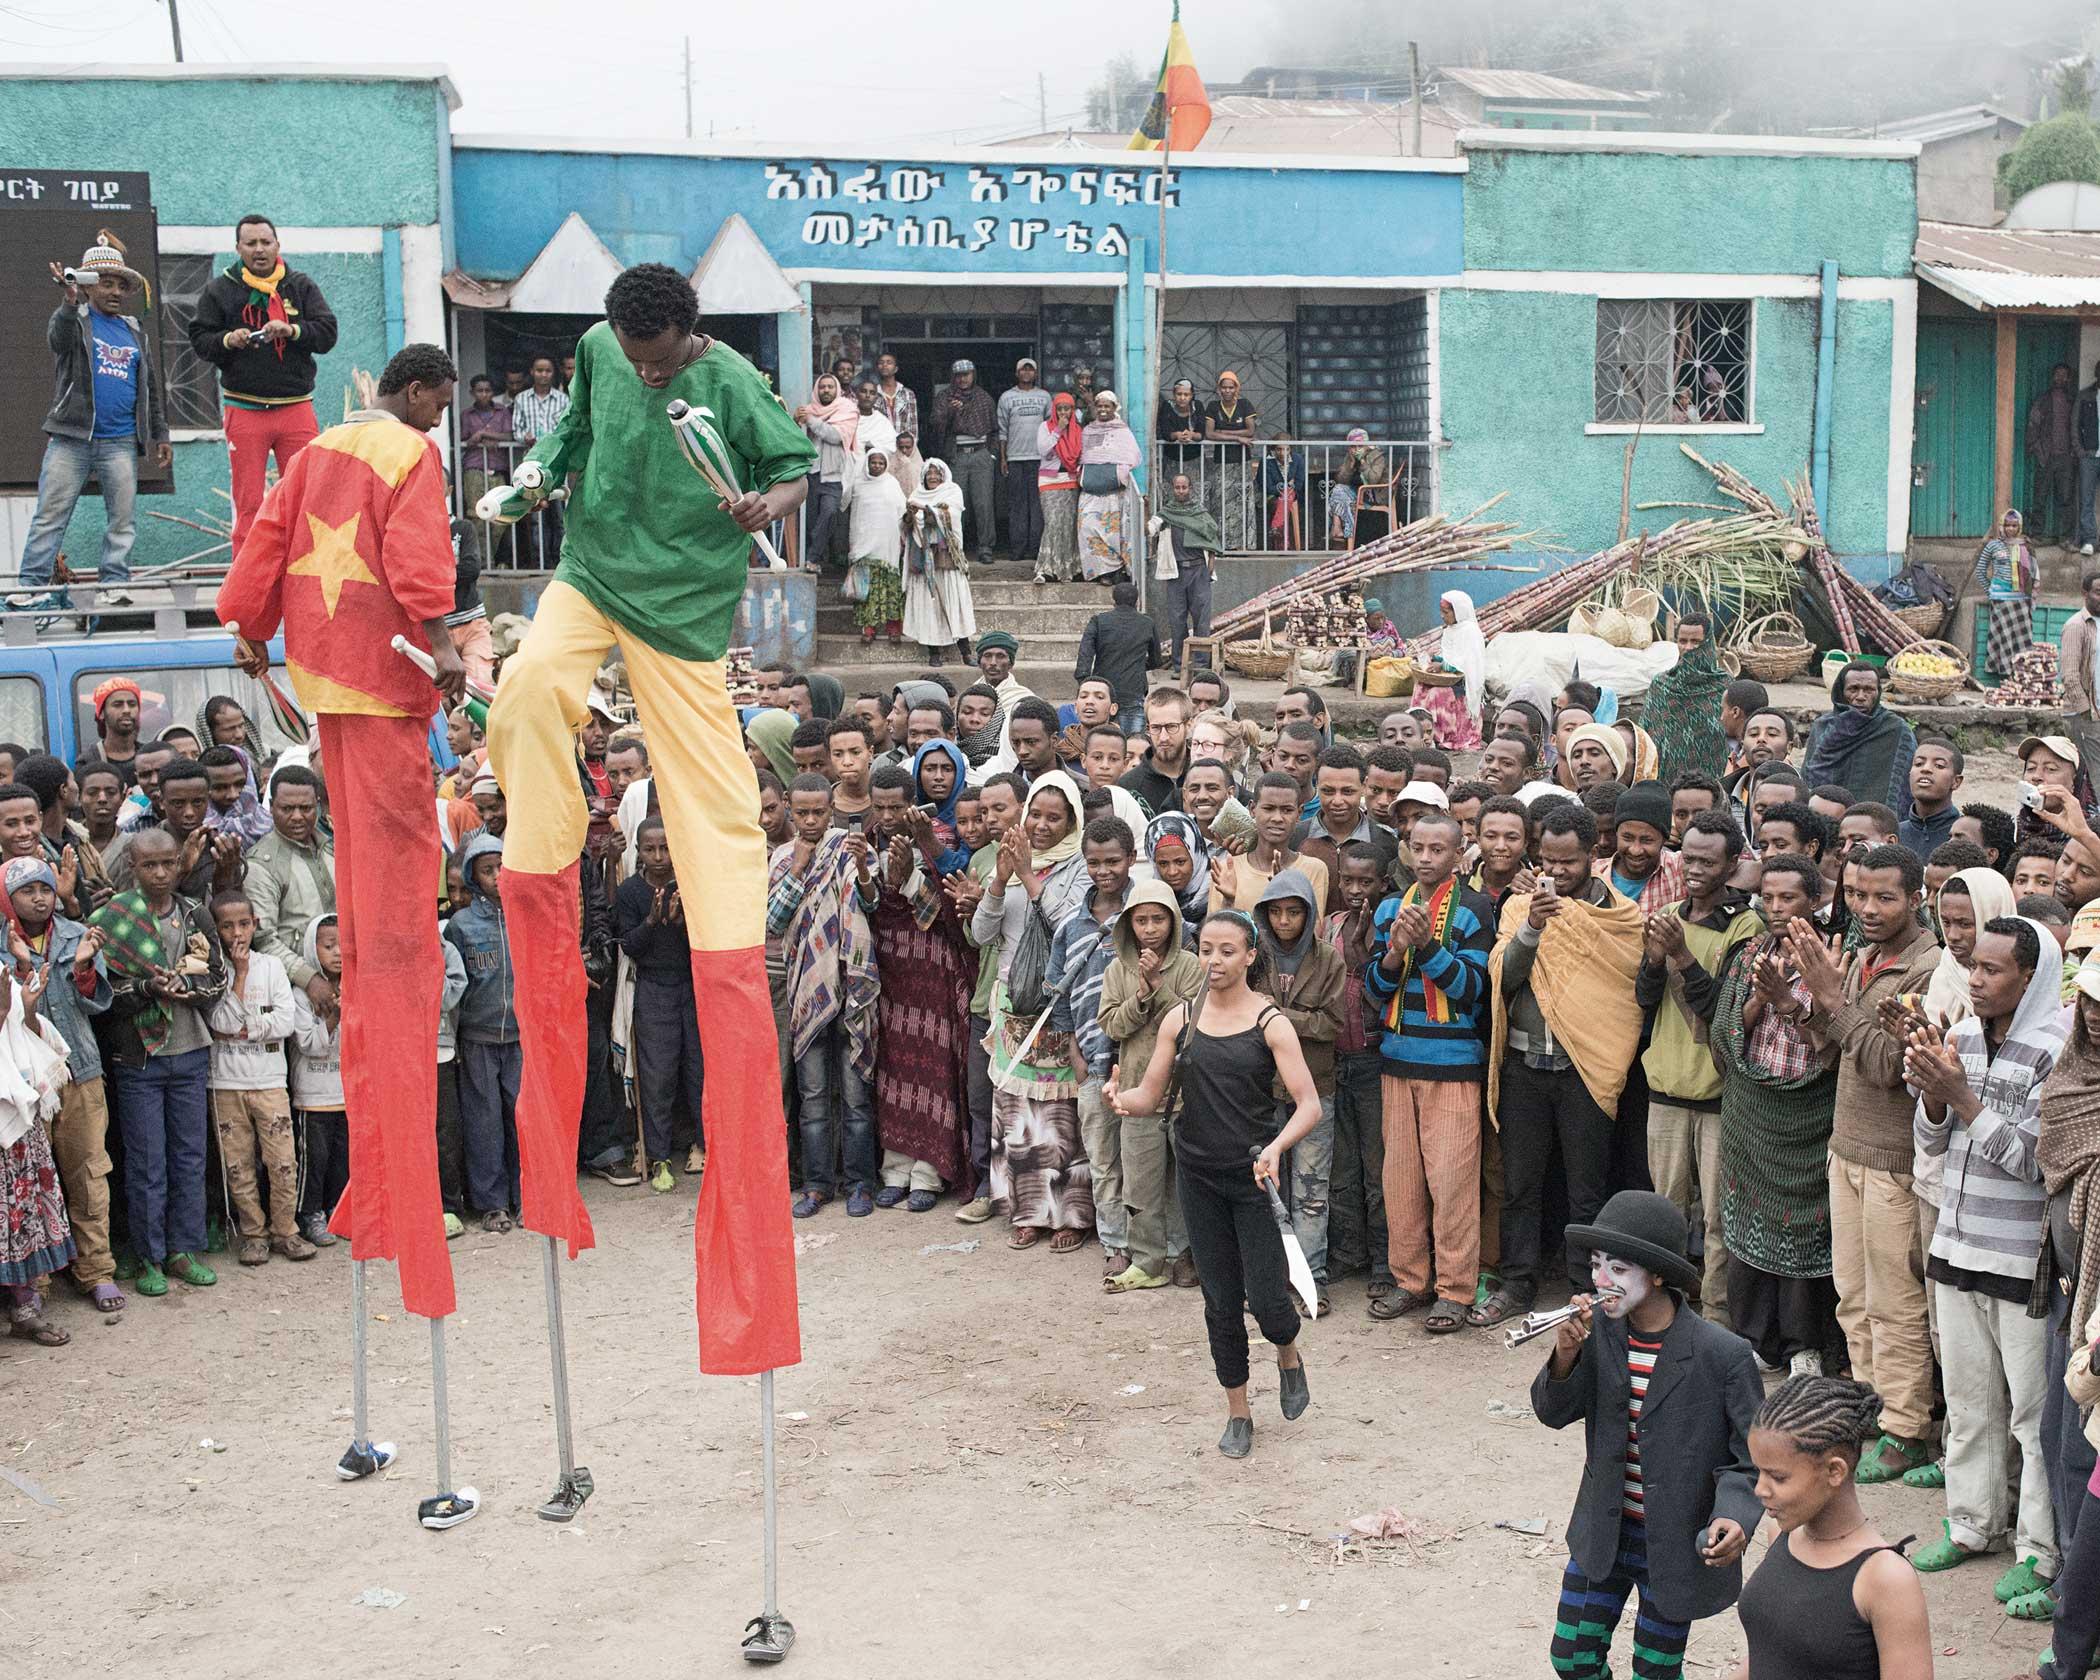 Circus Debere Berhan                               The circus performing in Debere Sina, Ethiopia.